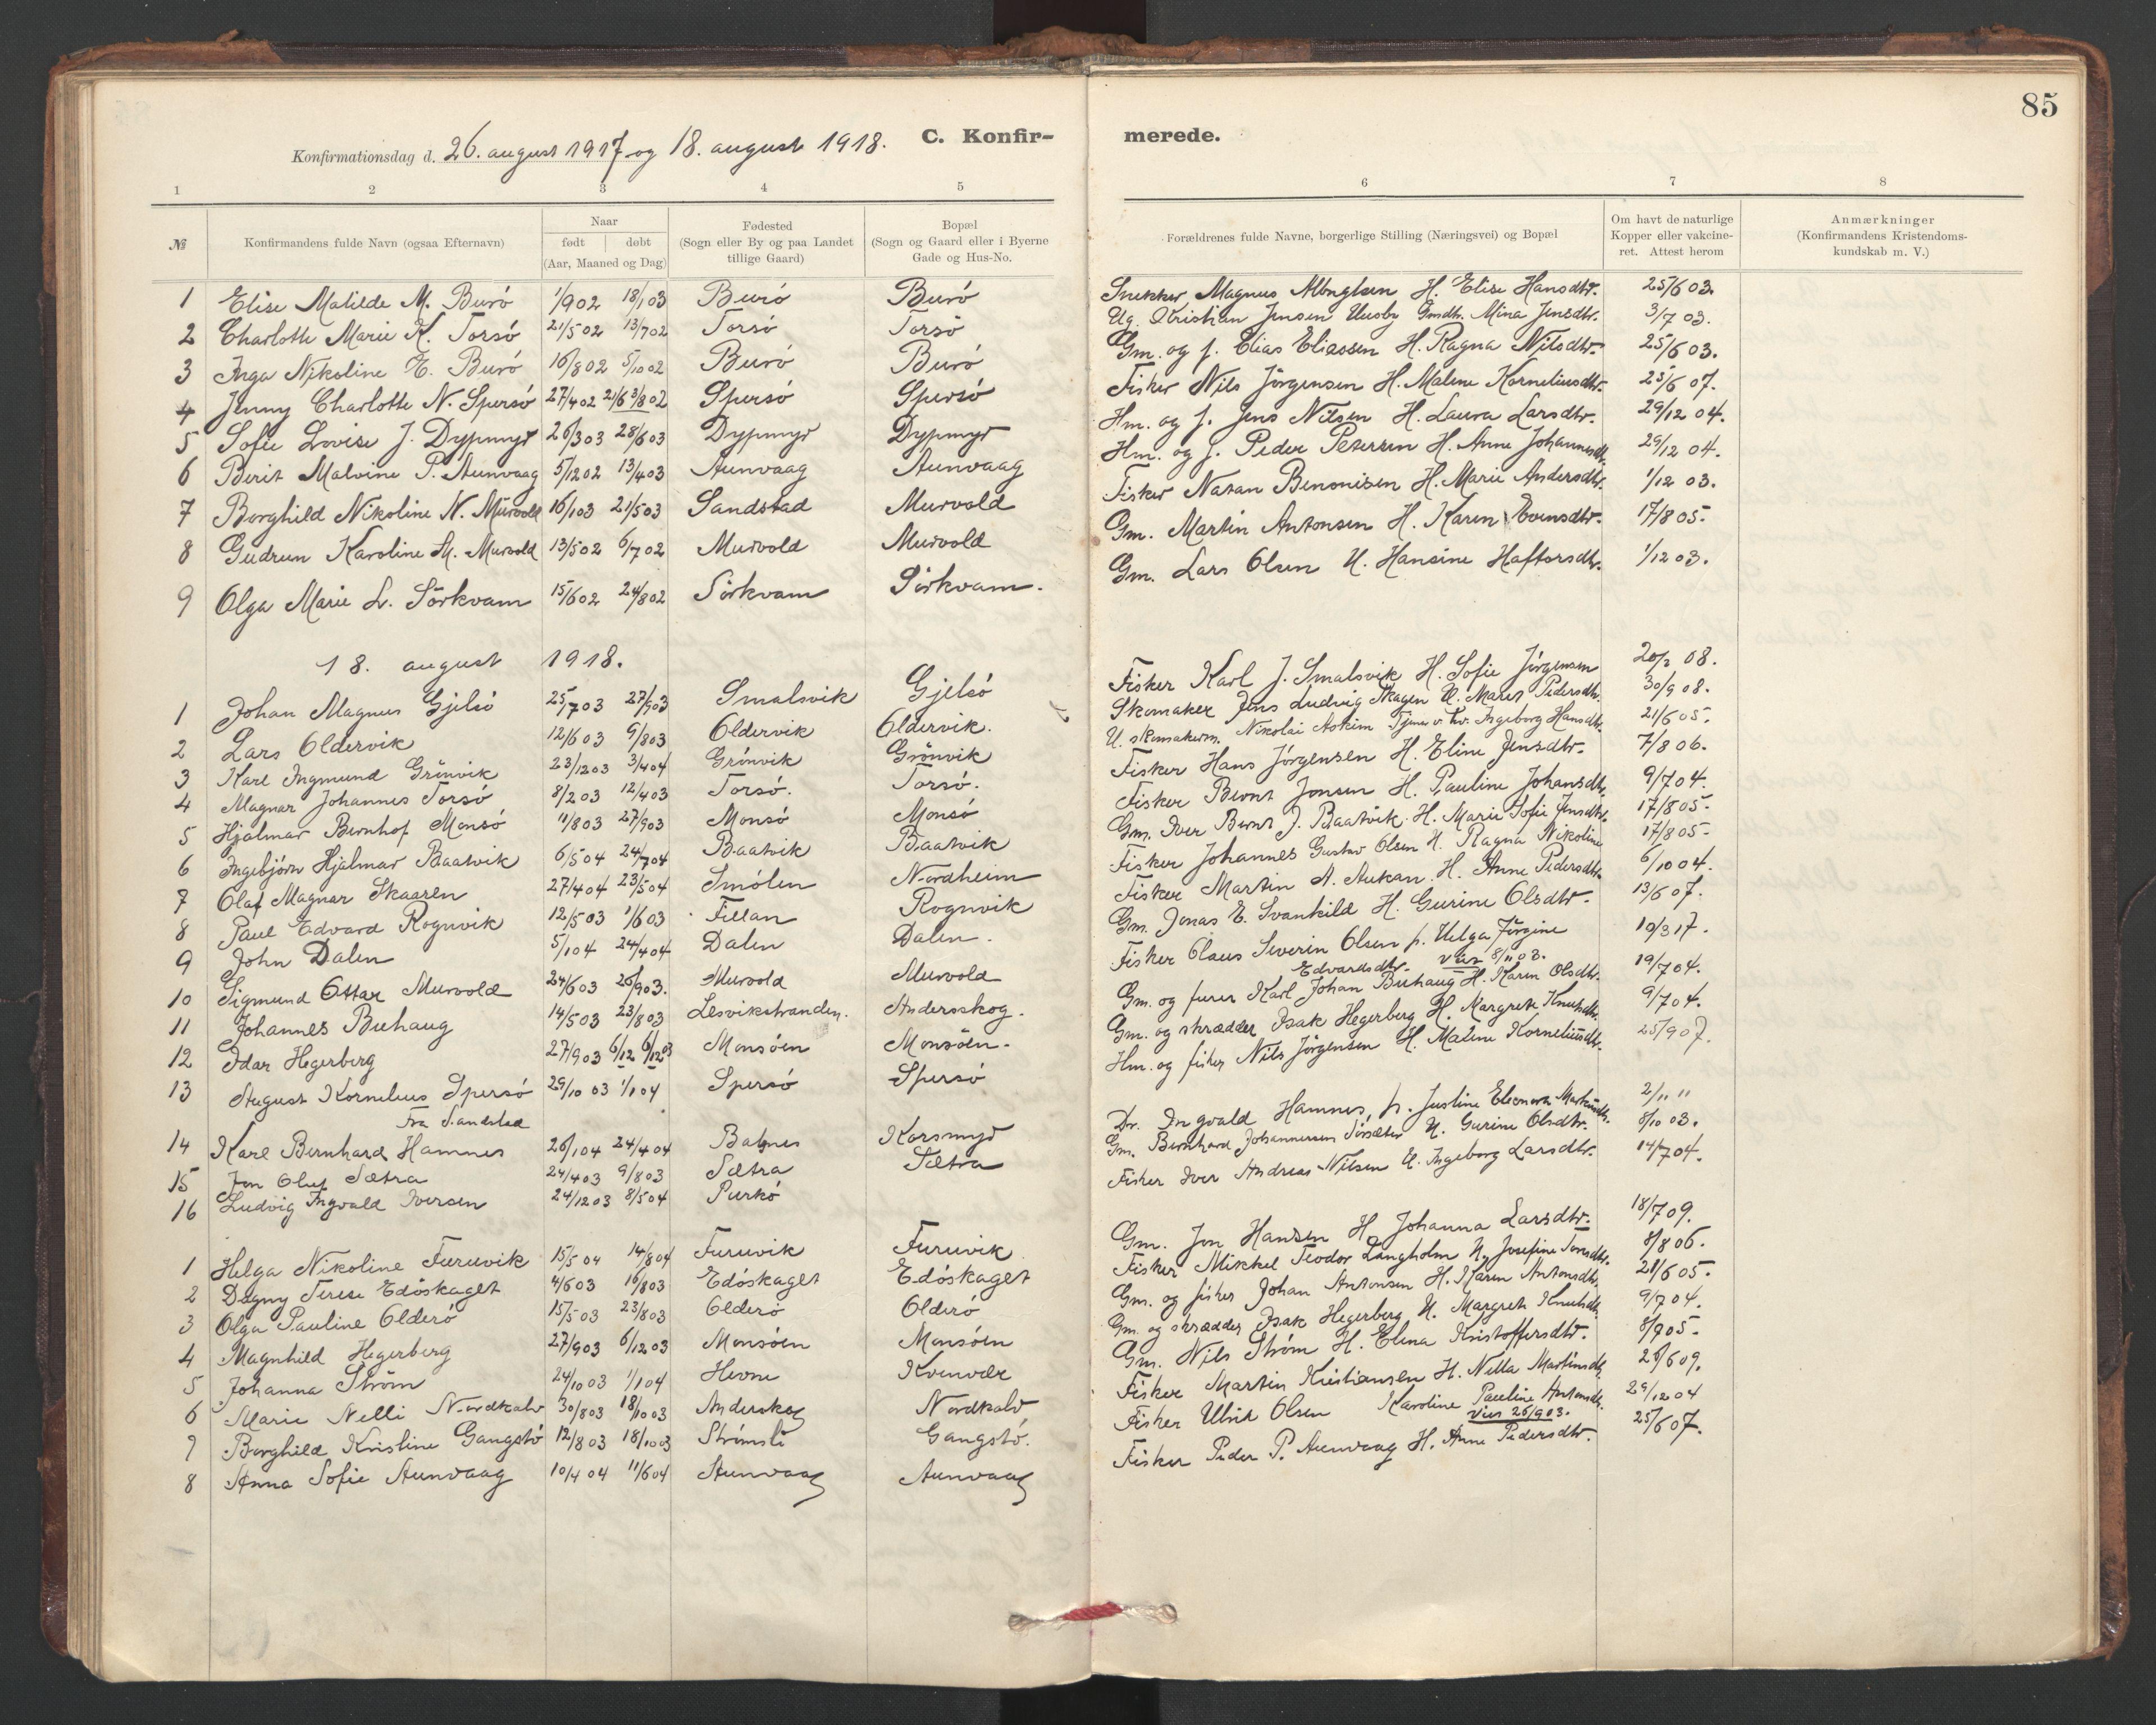 SAT, Ministerialprotokoller, klokkerbøker og fødselsregistre - Sør-Trøndelag, 635/L0552: Ministerialbok nr. 635A02, 1899-1919, s. 85